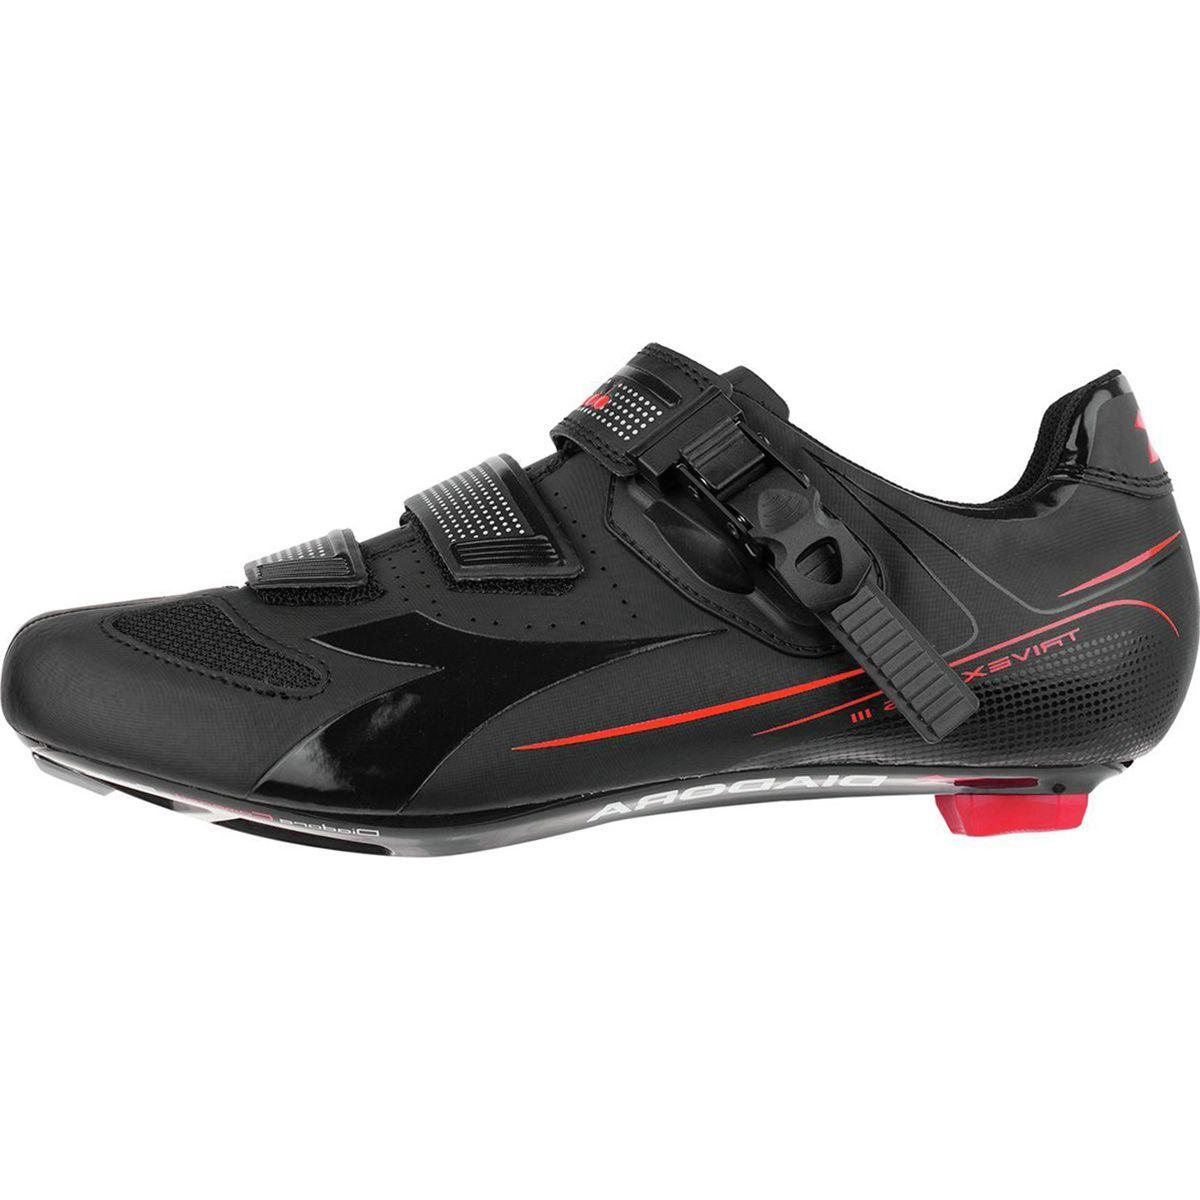 Diadora Trivex Plus III Cycling Shoe - Men's